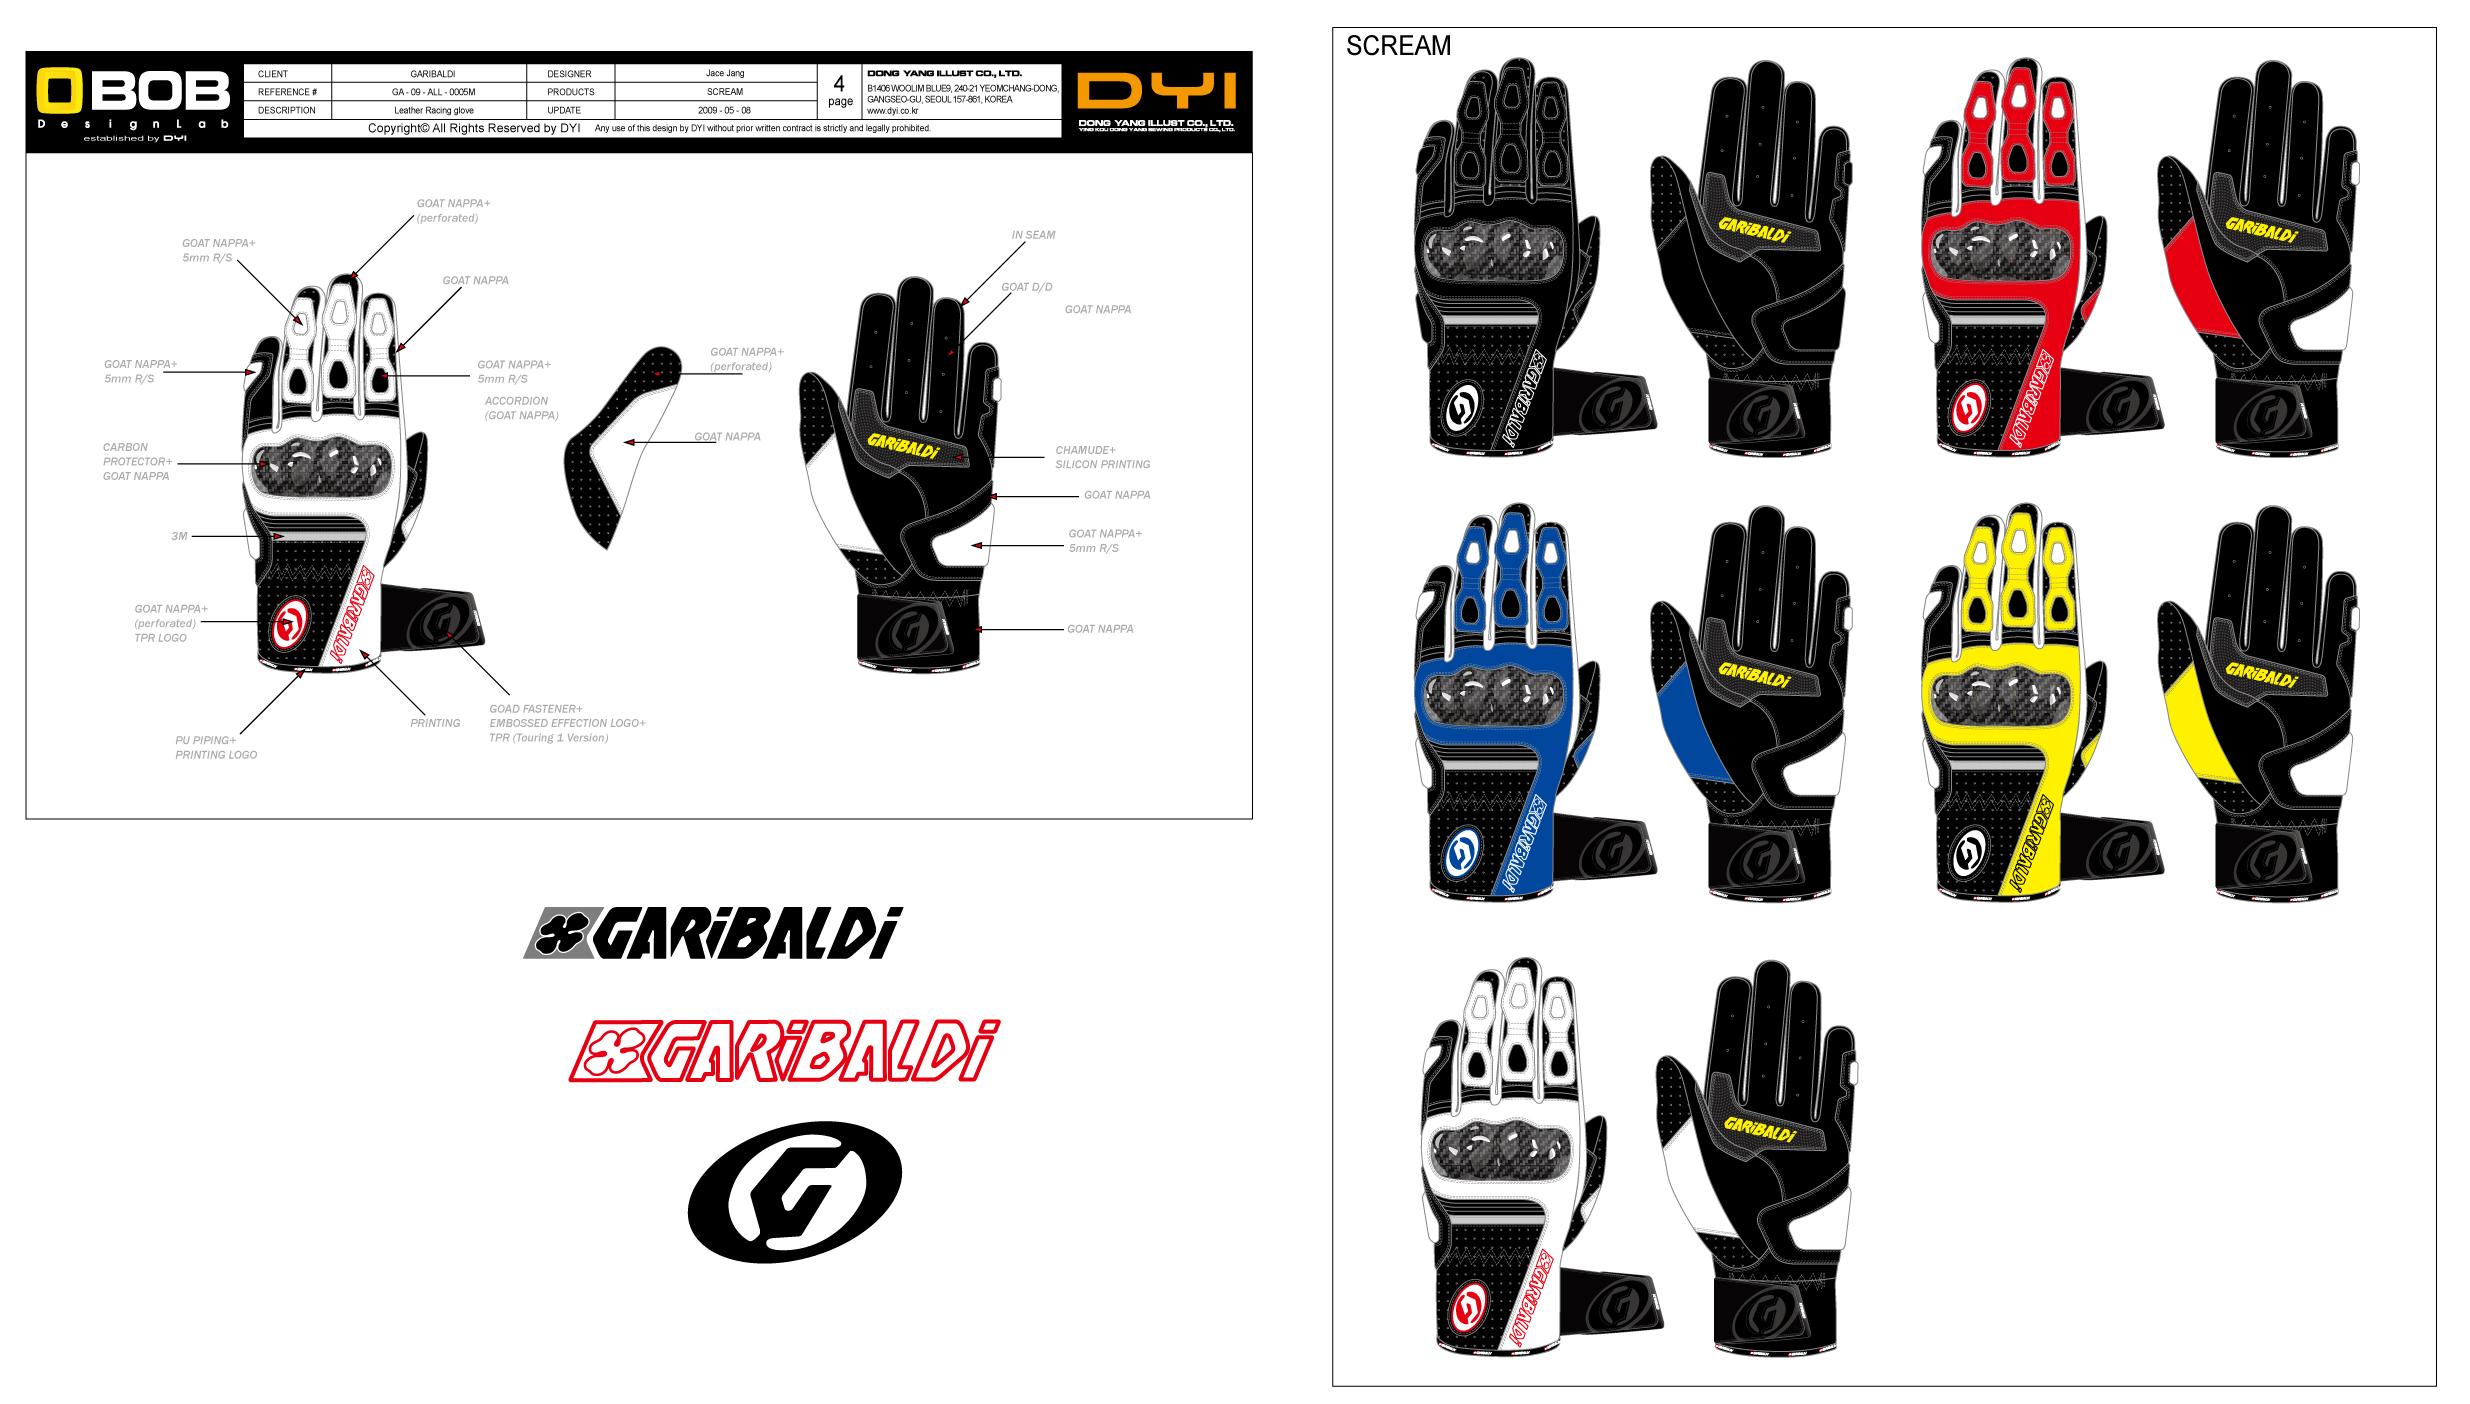 短款摩托车手套,五个颜色。